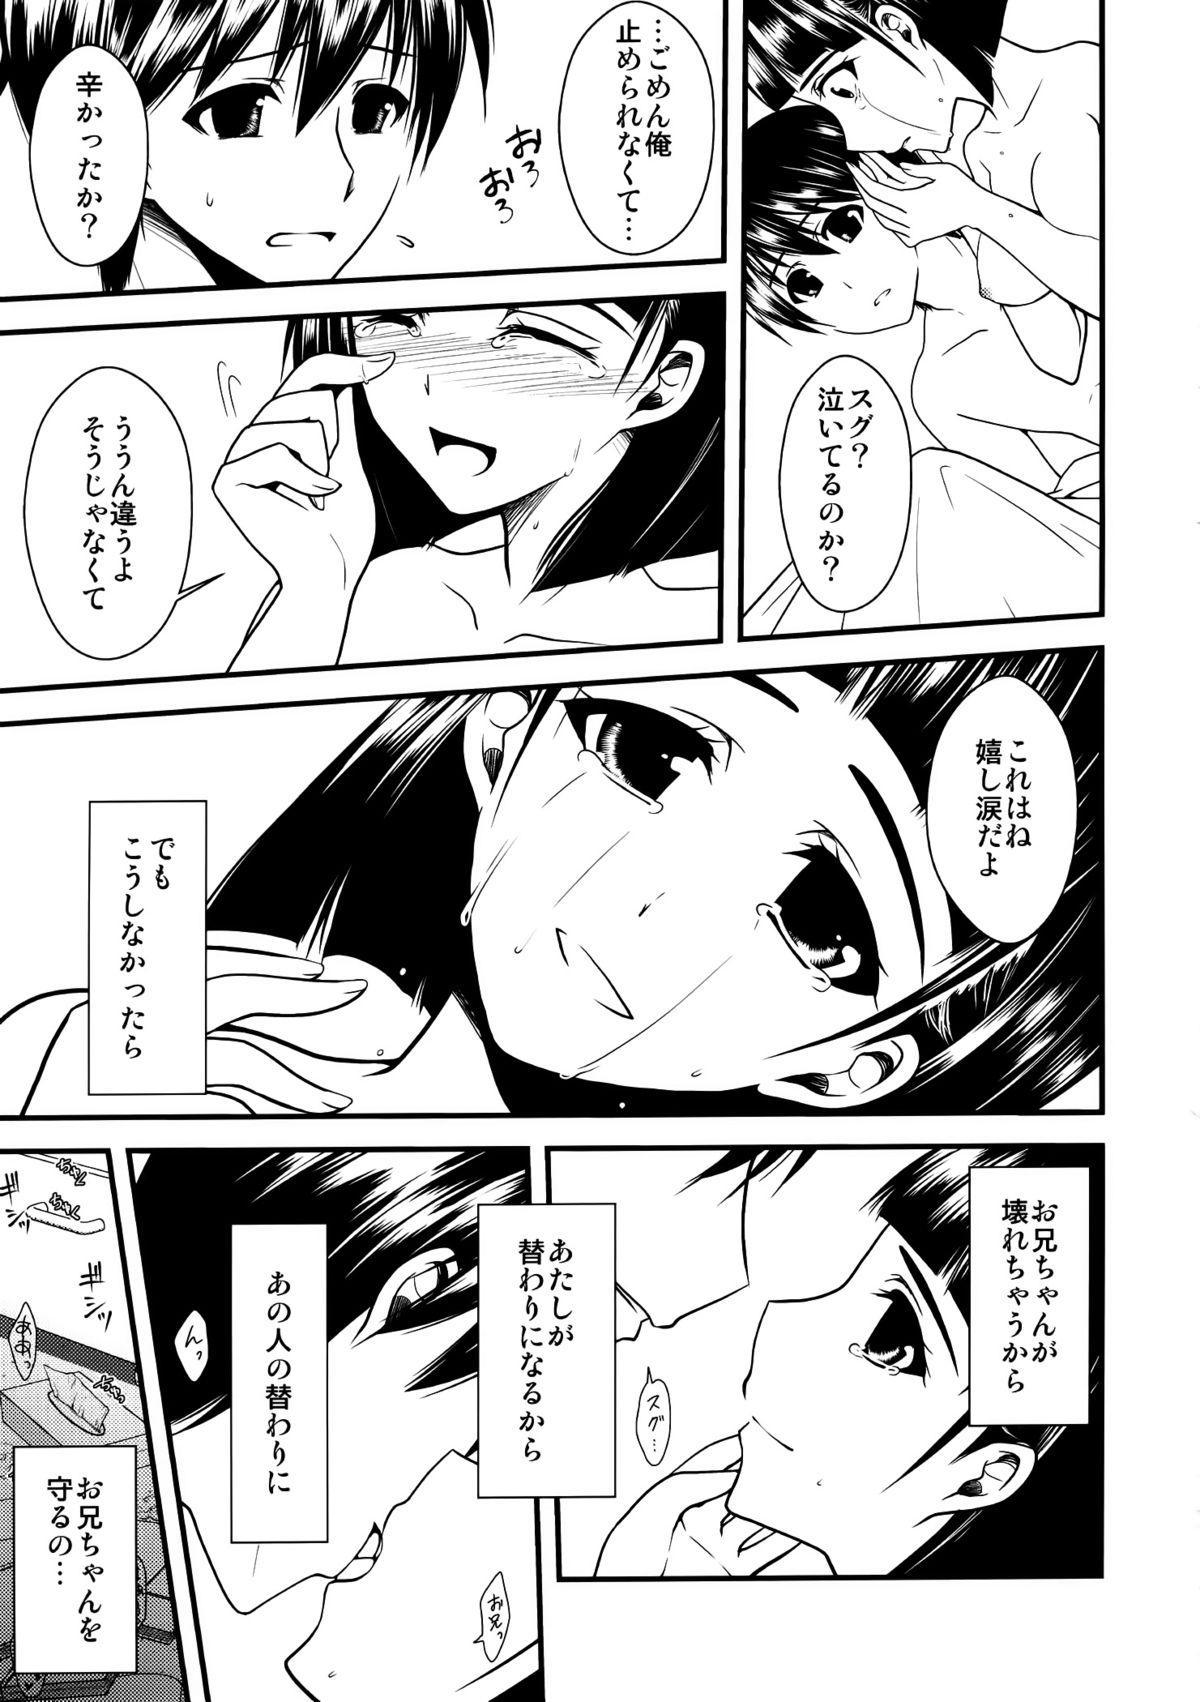 Wakuraba Ochite Kimi Idaku Hibi 23